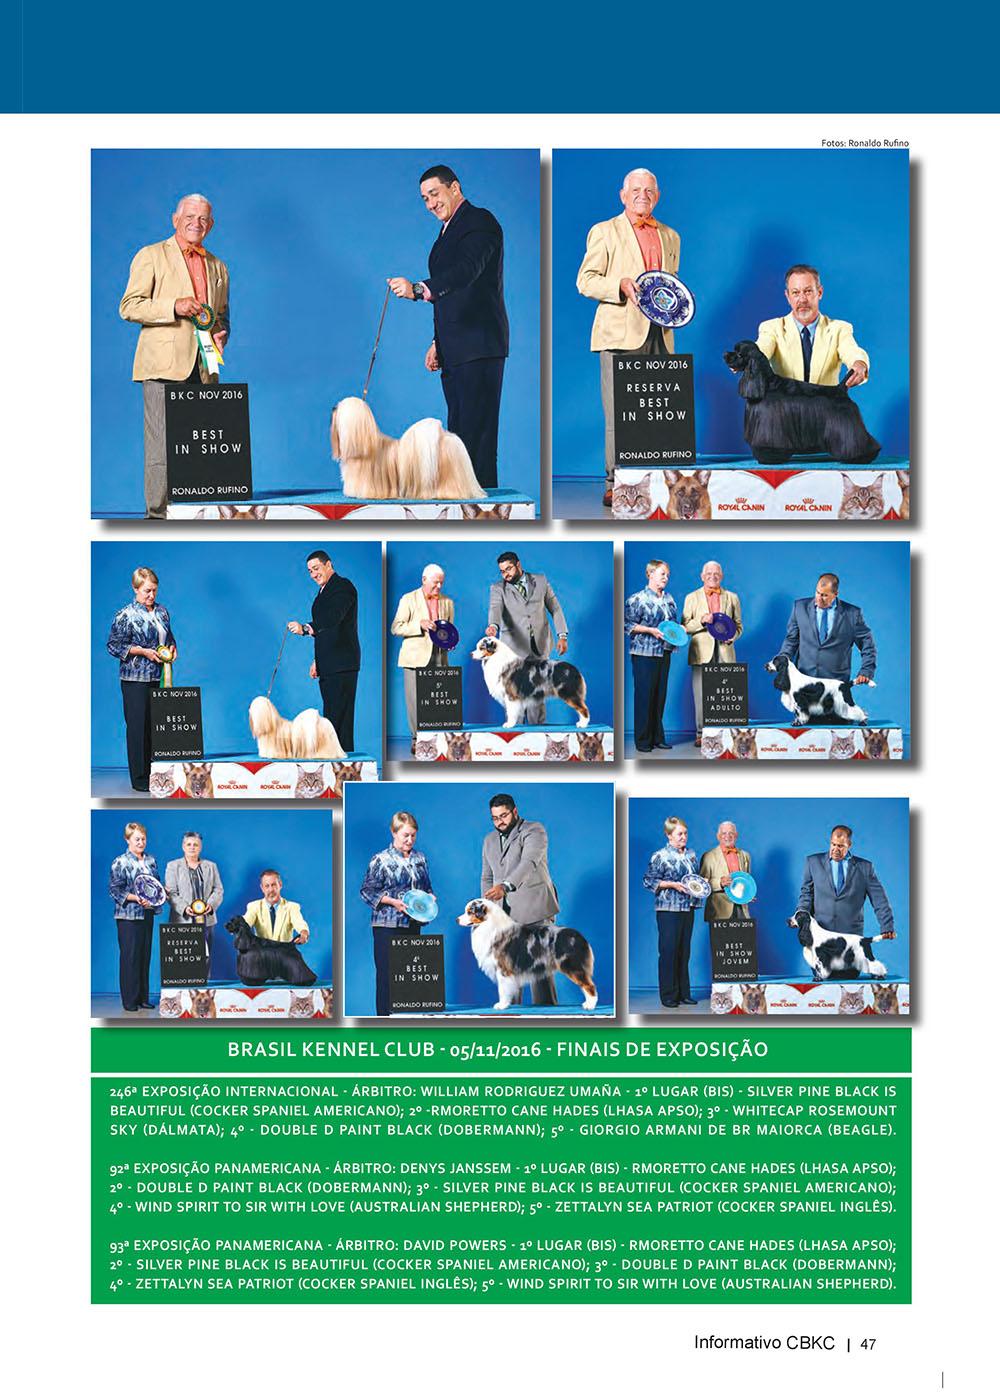 Pagina 47  Edição 53 do Informativo CBKC